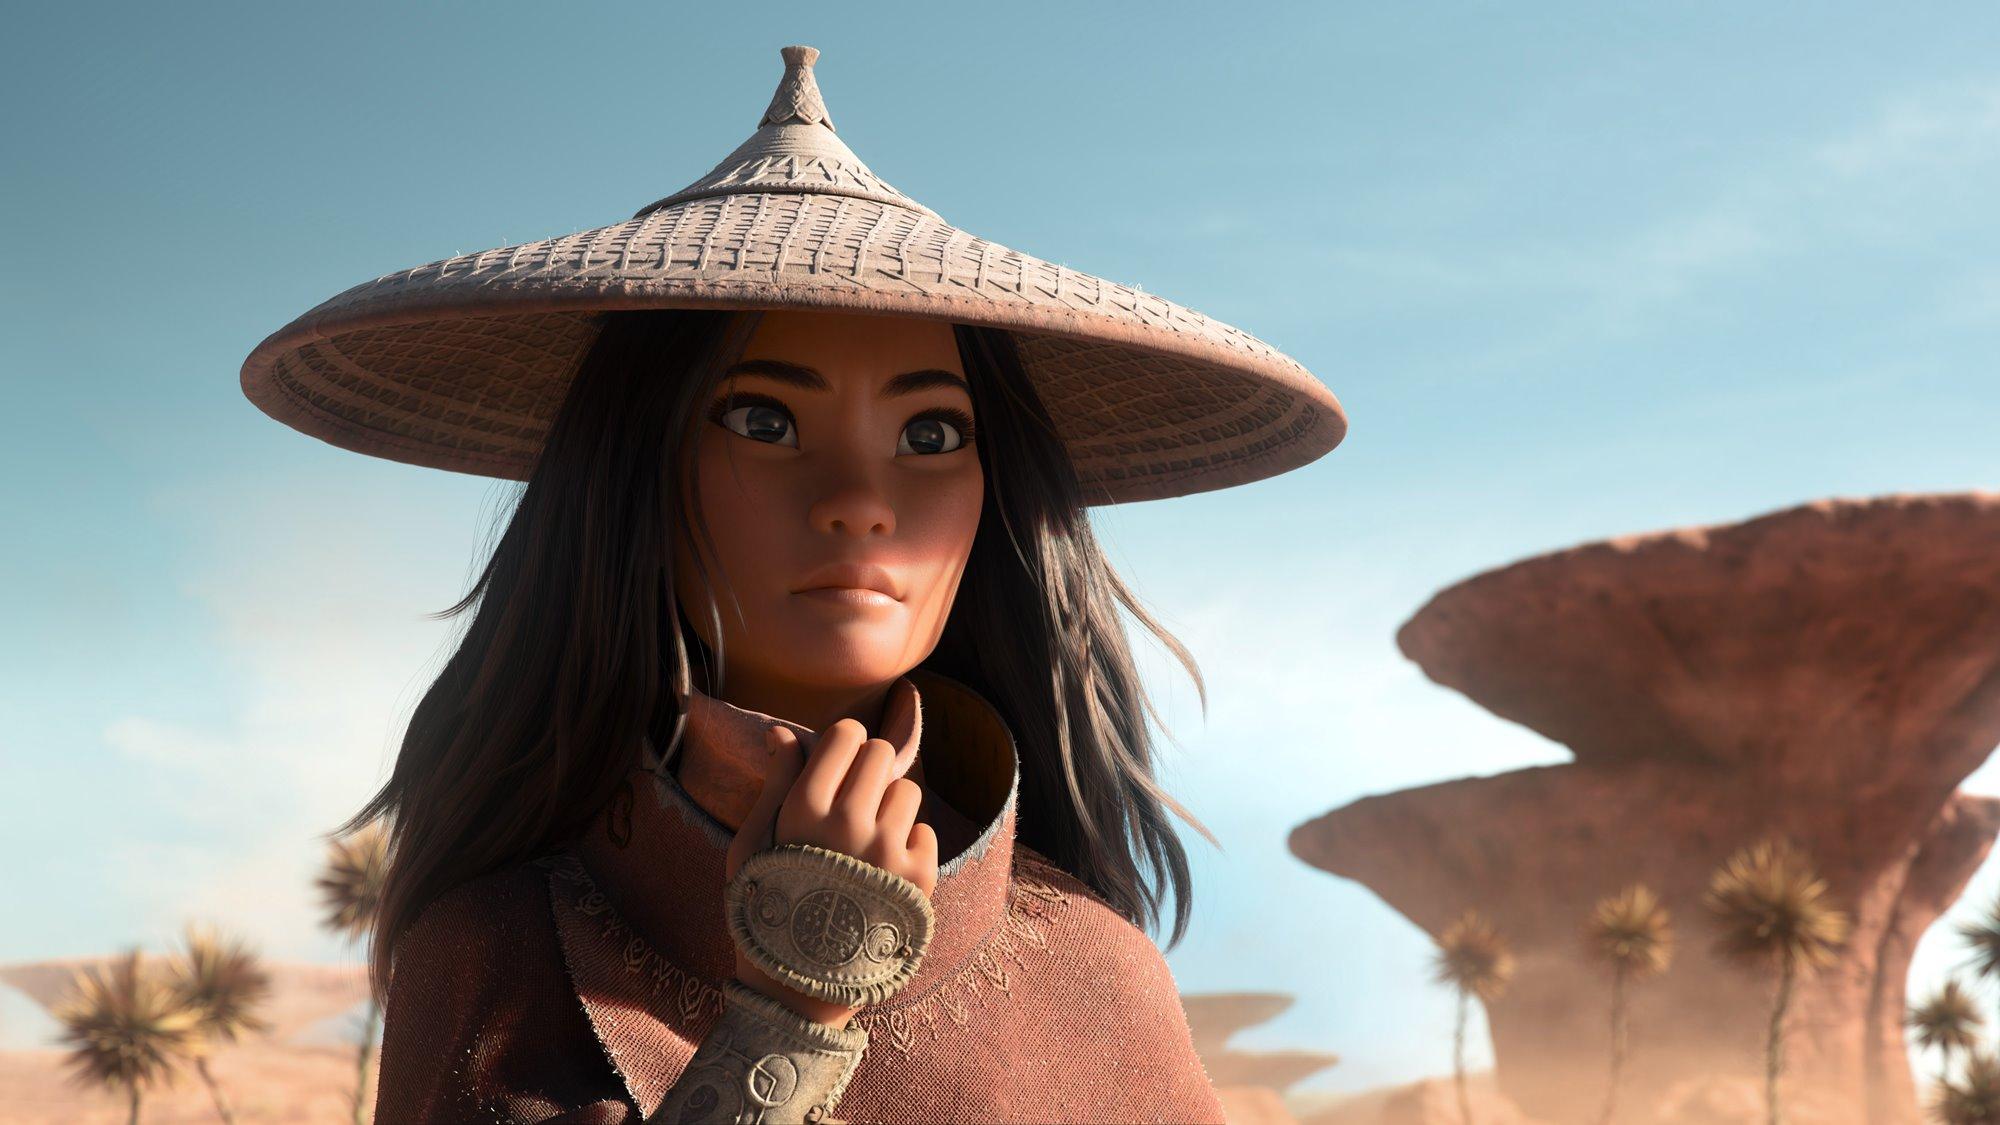 [허남웅 영화경] <라야와 마지막 드래곤> 디즈니가 동남아시아 문화와 만났을 때